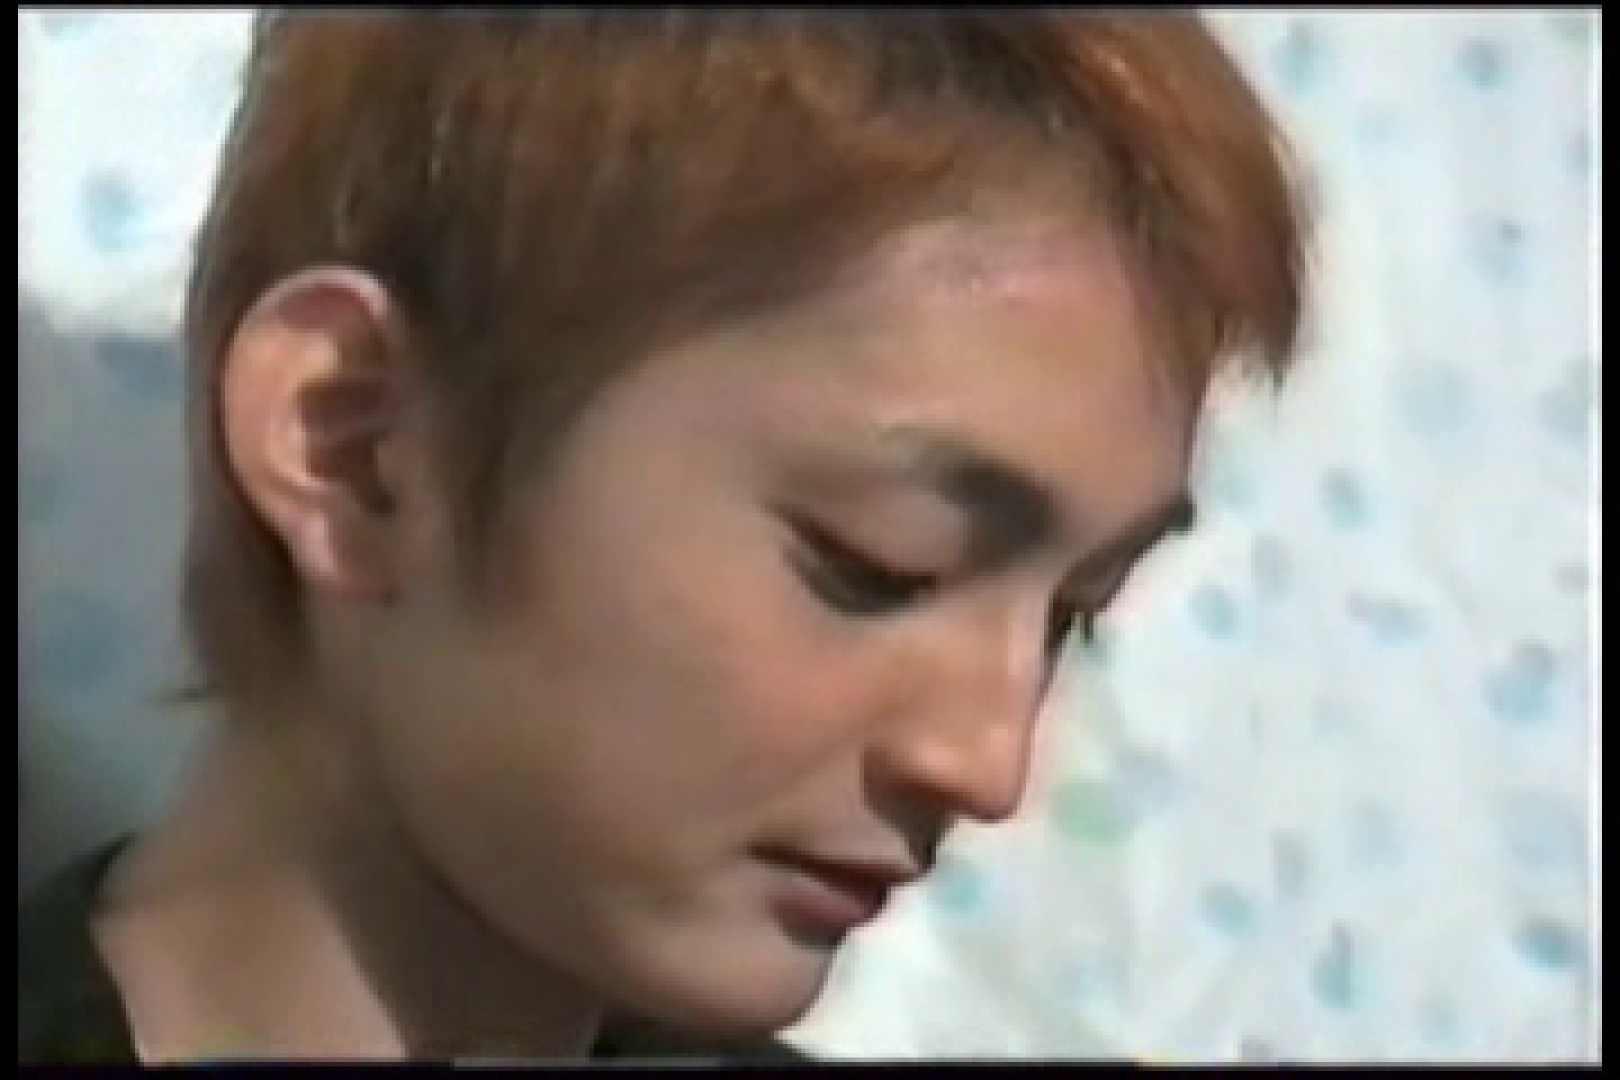 【流出】アイドルを目指したジャニ系イケメンの過去 イケメンパラダイス | オナニー ケツマンスケベ画像 72pic 29